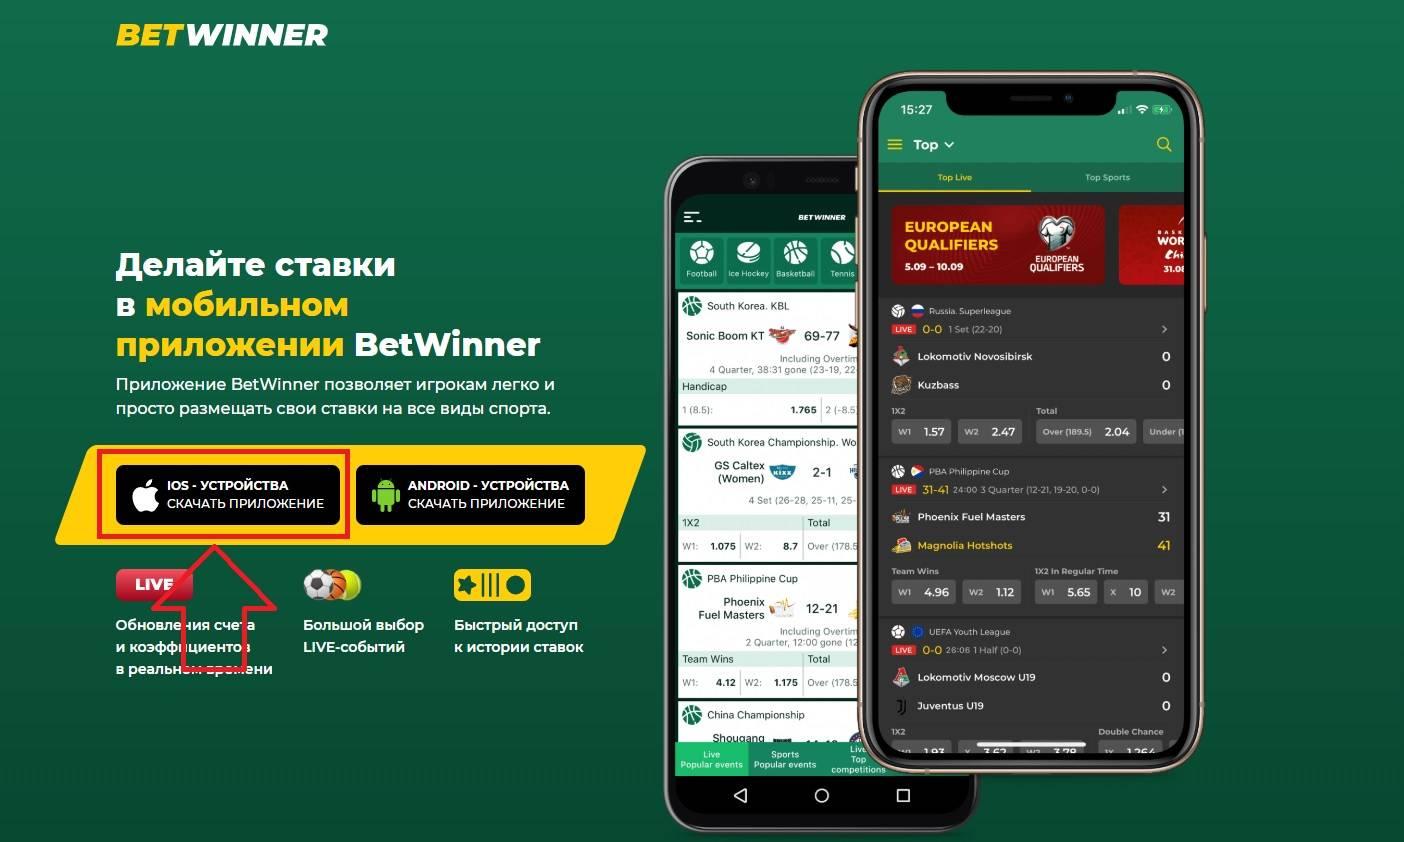 Приложение бк марафон на андроид, скачать мобильное приложение сайта букмекерской конторы marathonbet